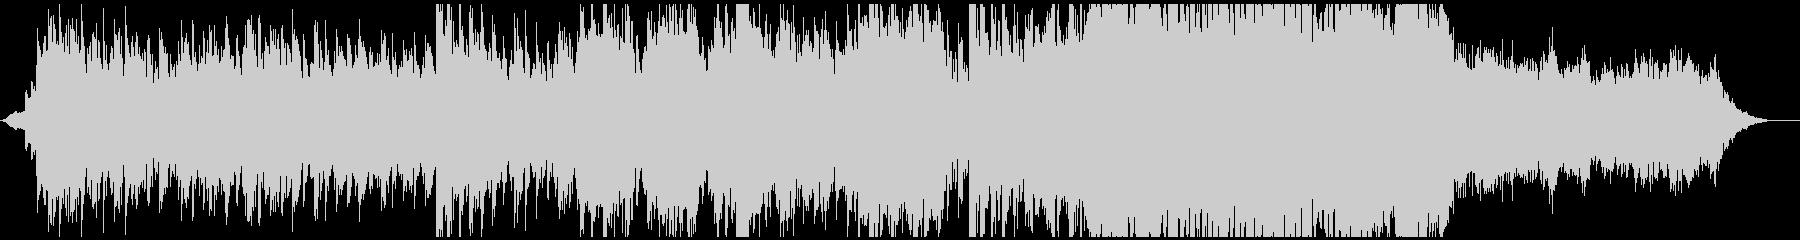 退廃的なホラーBGMの未再生の波形